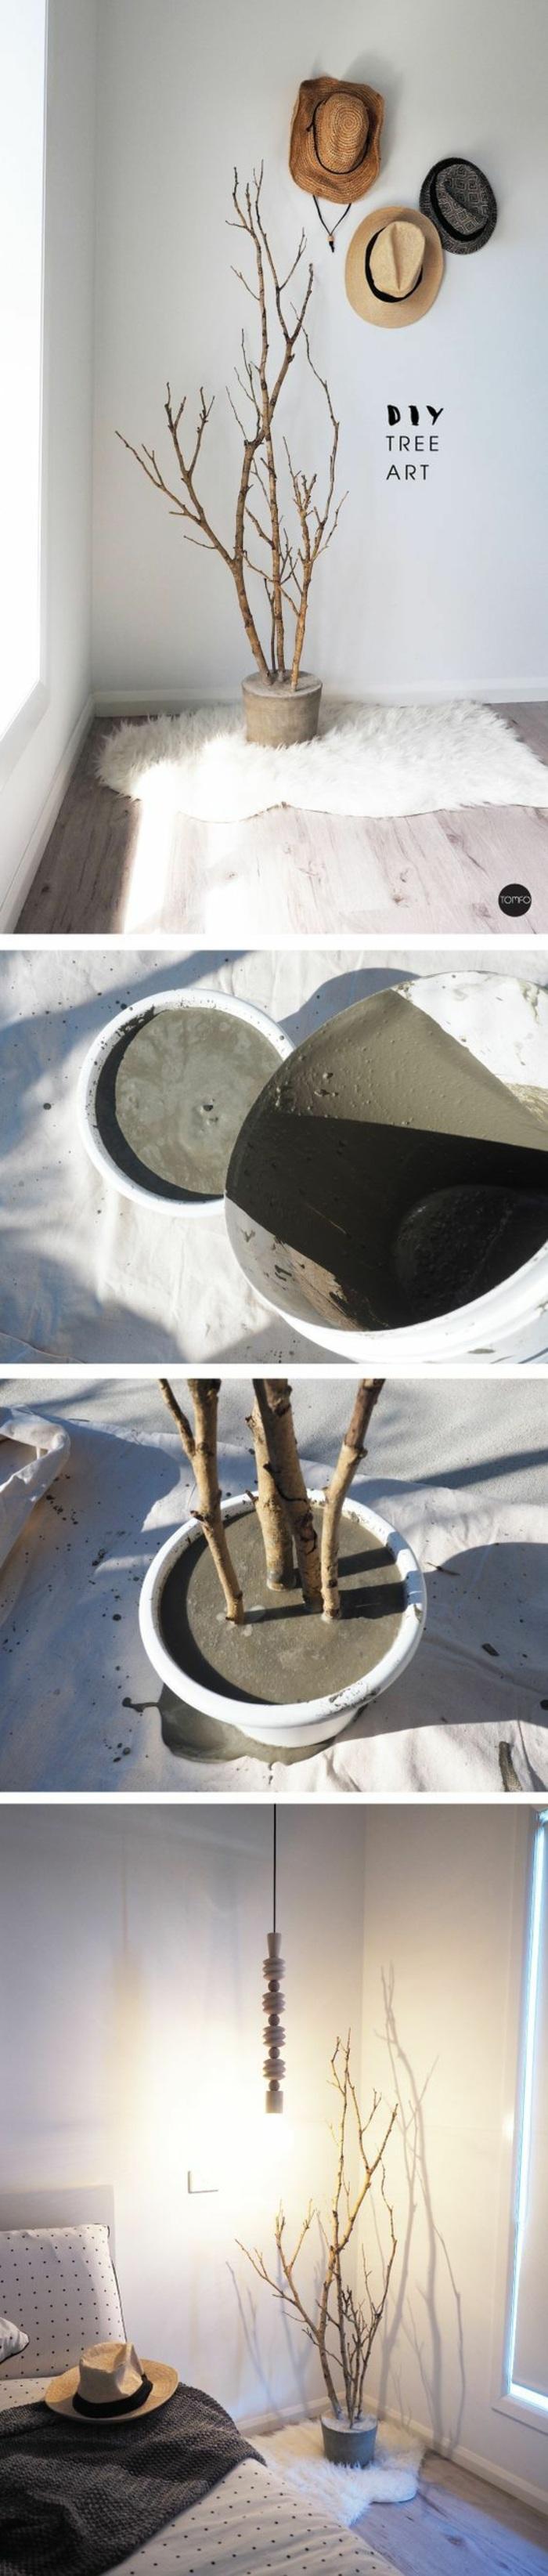 beton gießen - diy deko mit ästen und zement, wanddeko